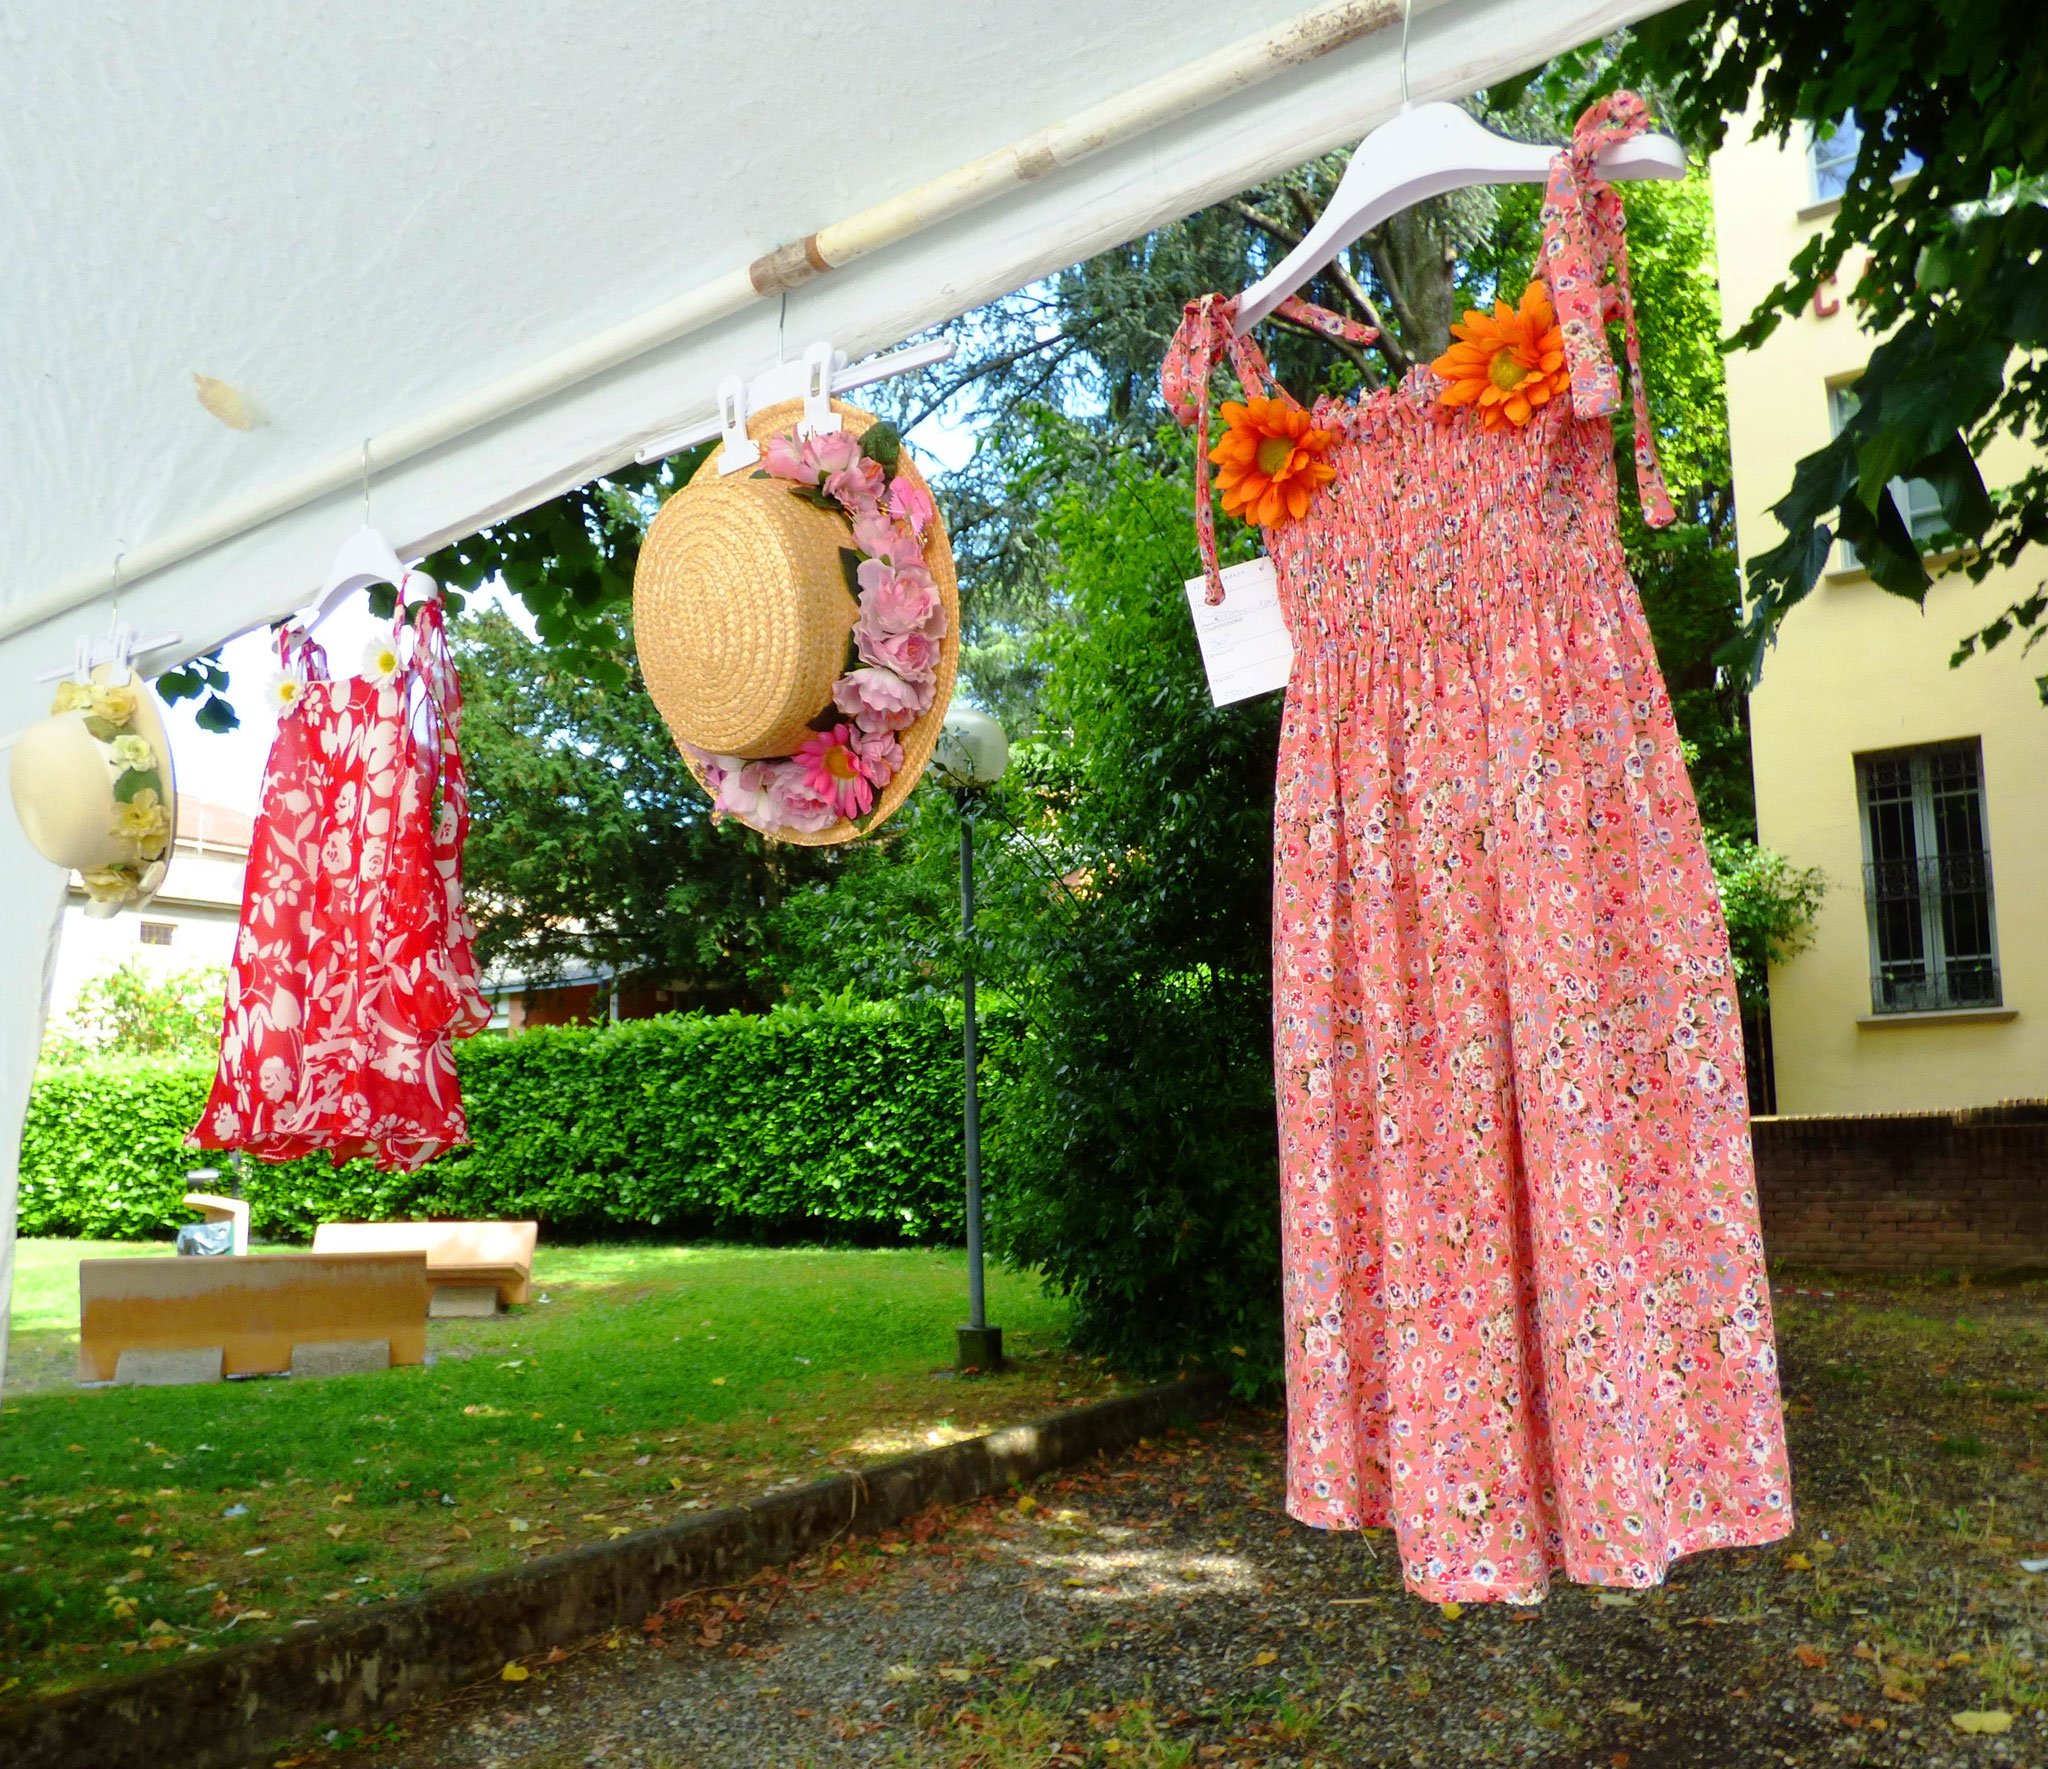 Ortensia Burzoni Laboratorio artigianale di abiti da sposa e cerimonia, idee e disegni per abiti personalizzati. per info: 338.4621207